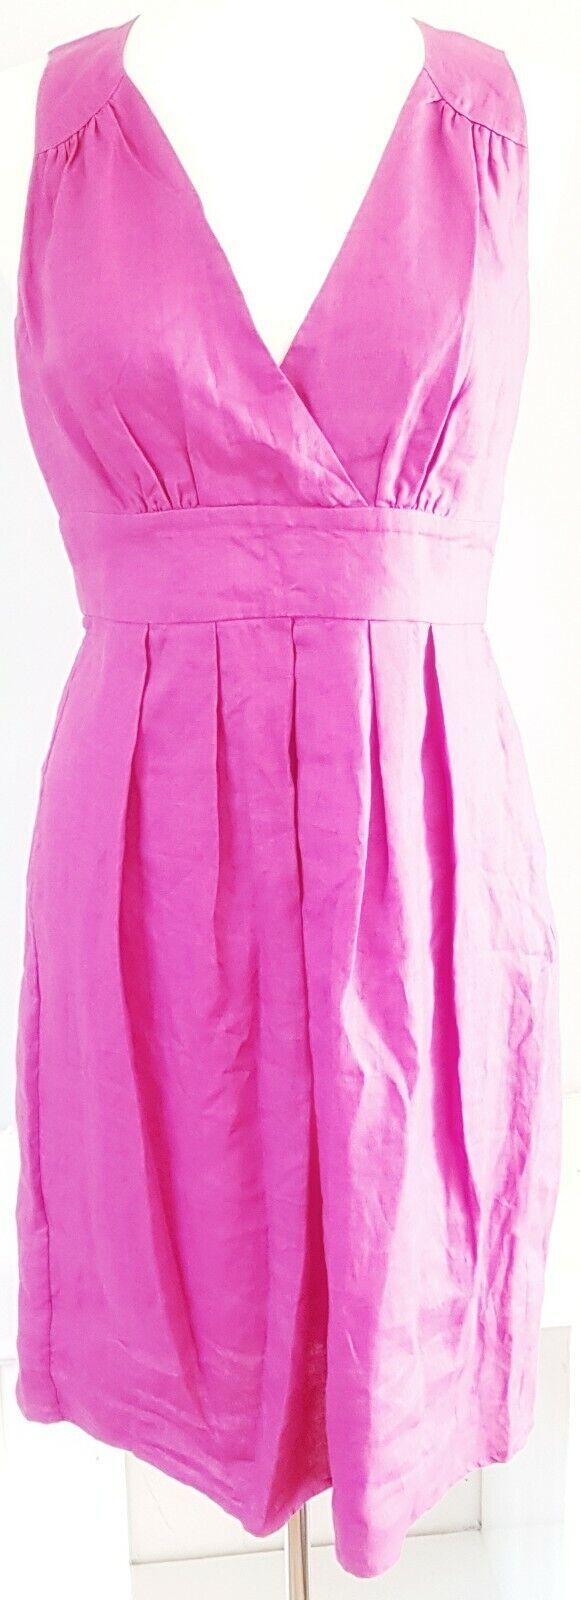 Great Plains Women's Dress Pink Size Medium 100% Linen VGC